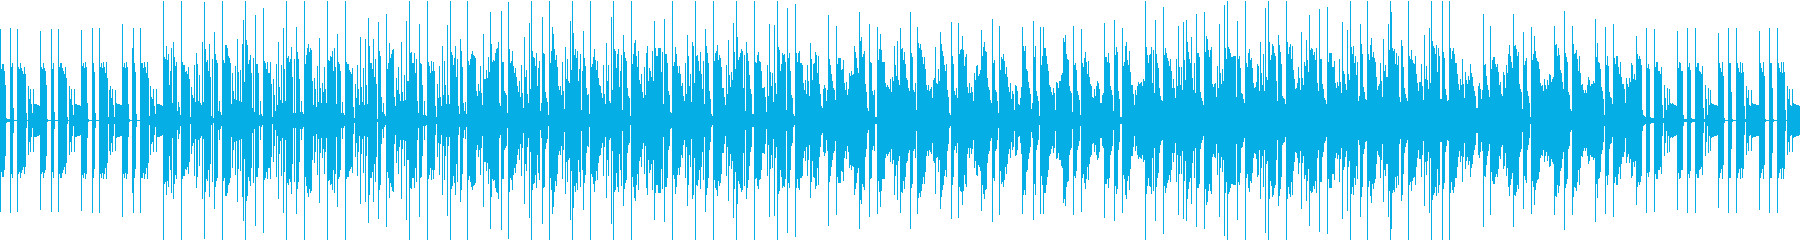 クール、綺麗で大人しいループインストの再生済みの波形